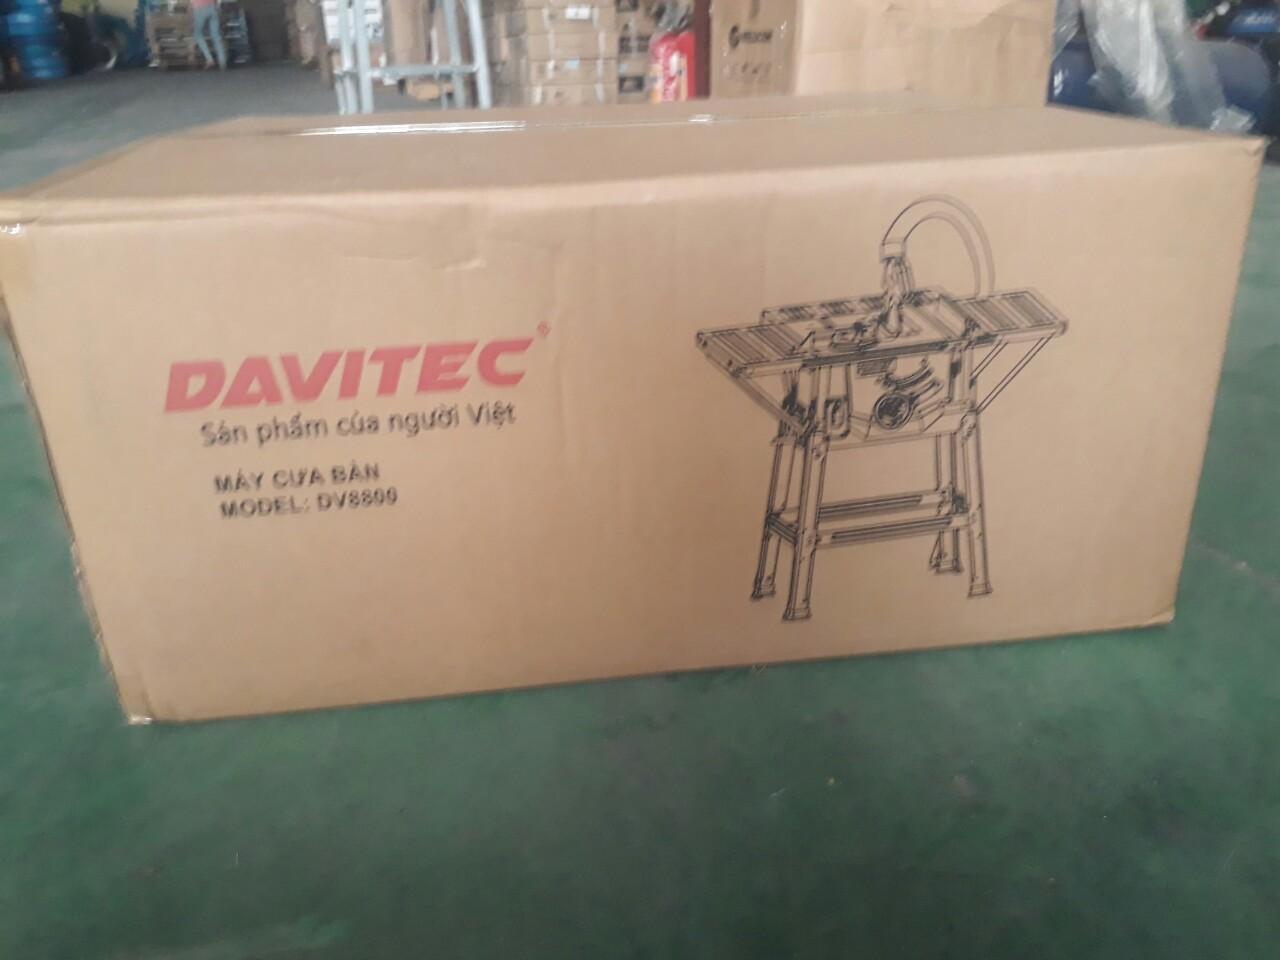 Máy cưa bàn Davitec DV8800